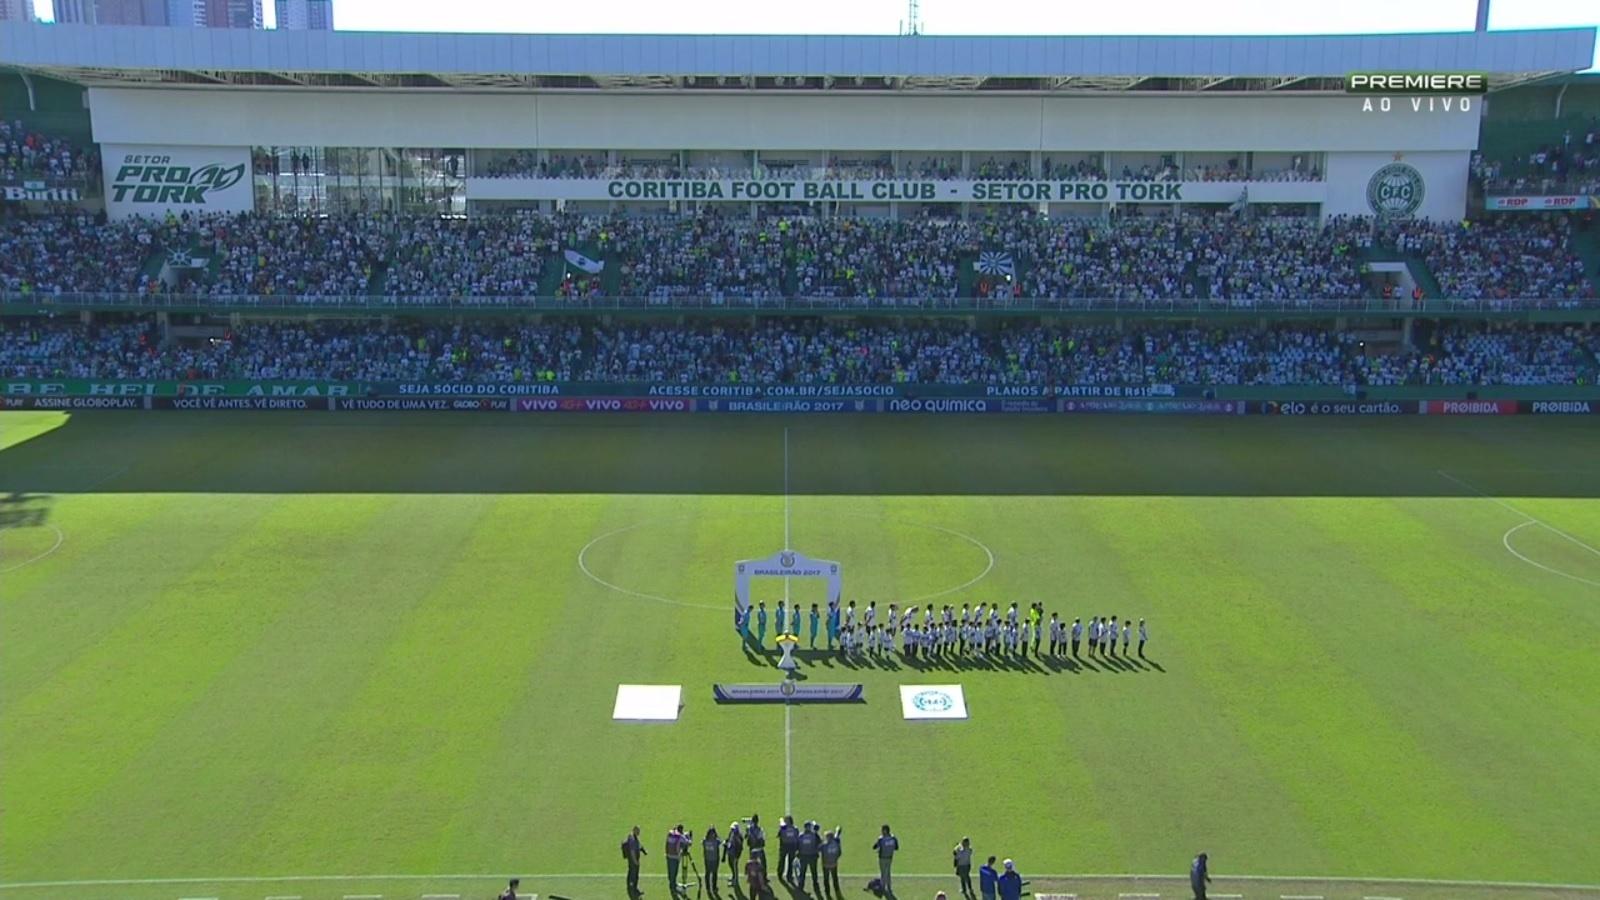 Confusão entre torcidas fez com que o Corinthians atrasasse e apenas os jogadores do Coritiba ouviram o hino nacional